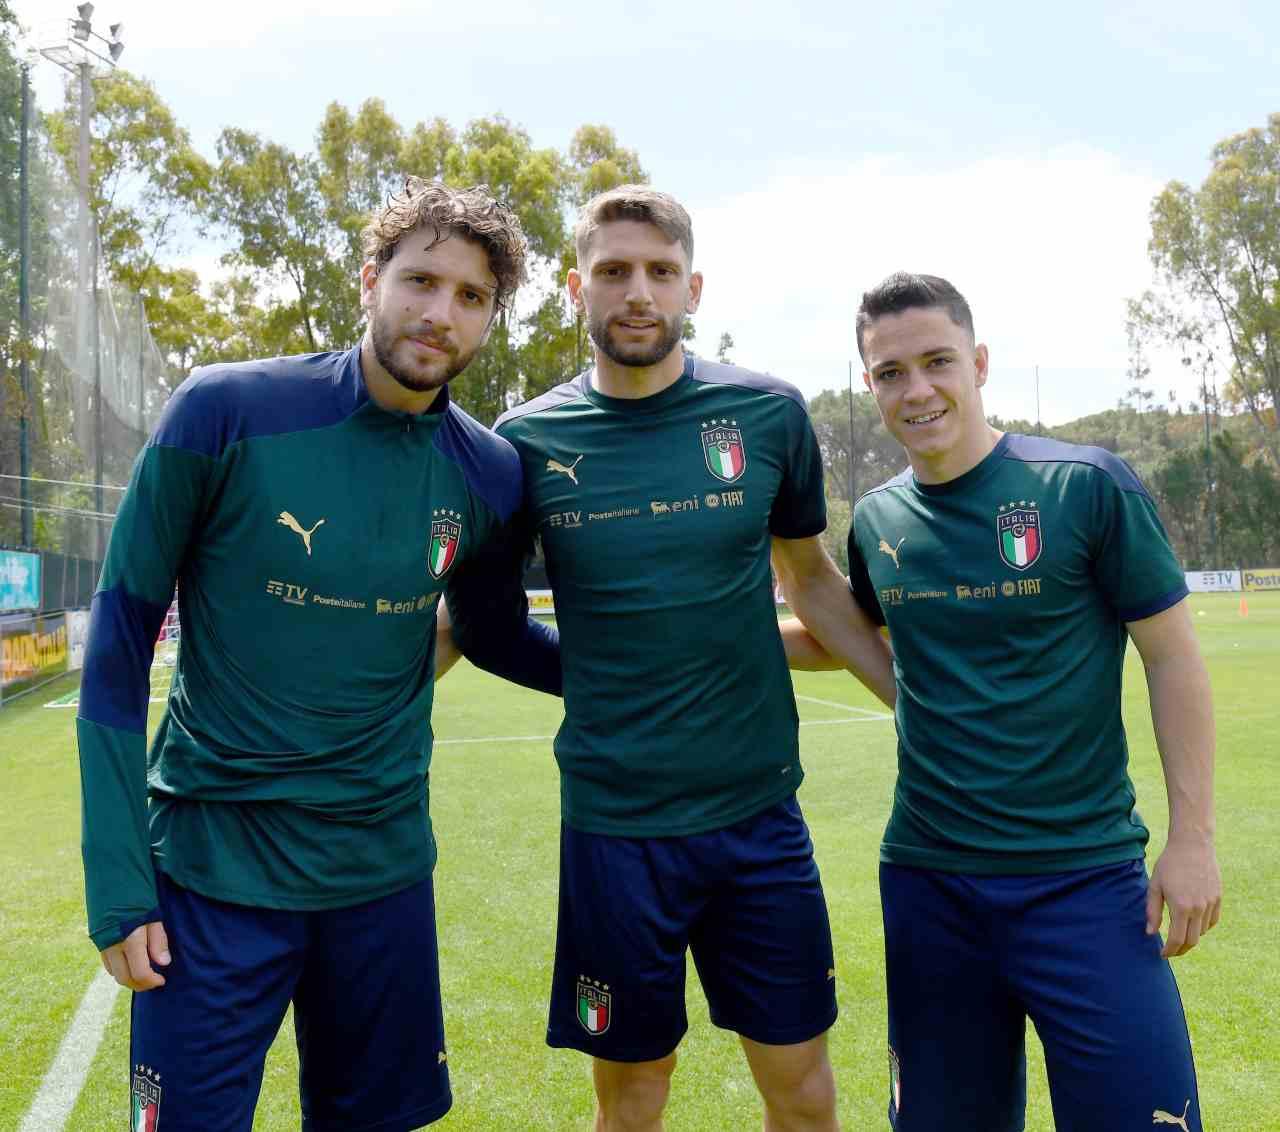 Calciomercato Inter sassuolo Raspadori Berardi Locatelli